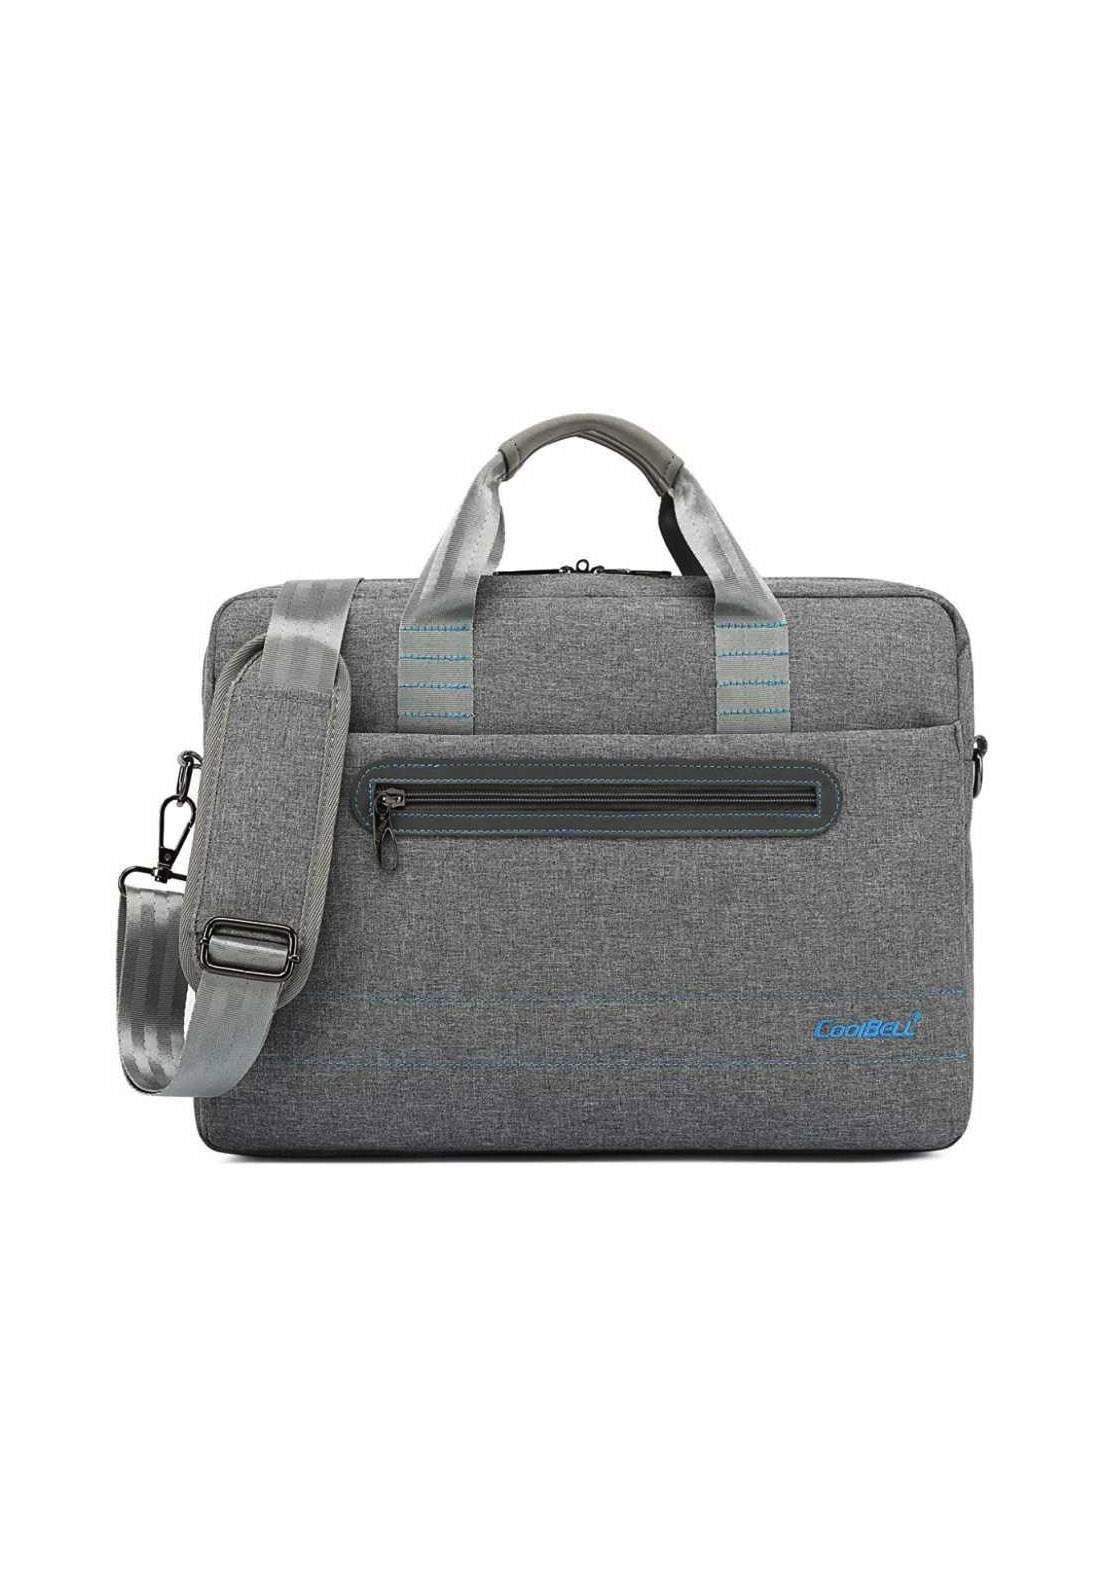 Coolbell 2082 Laptop Bag - Gray حقيبة لابتوب